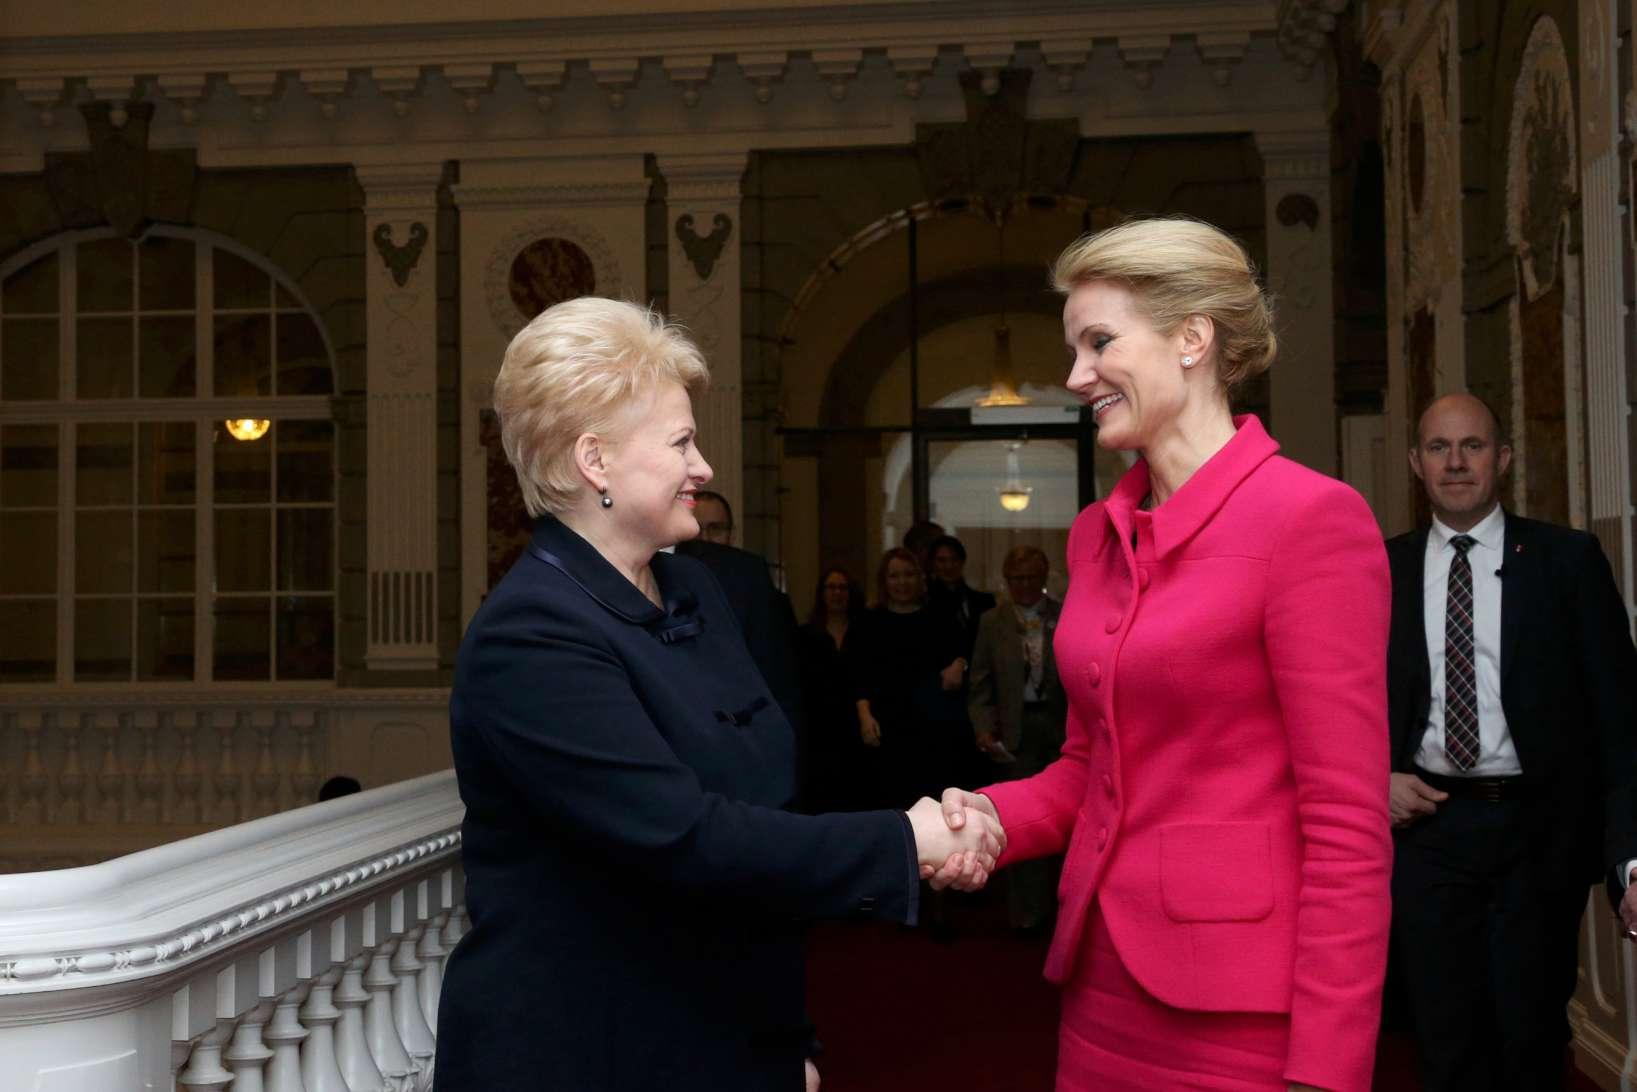 Prezidentė susitiko su Ministre Pirmininke Hel Torning-Šmit | lrp.lt,  Dž.G.Barysaitės nuotr.